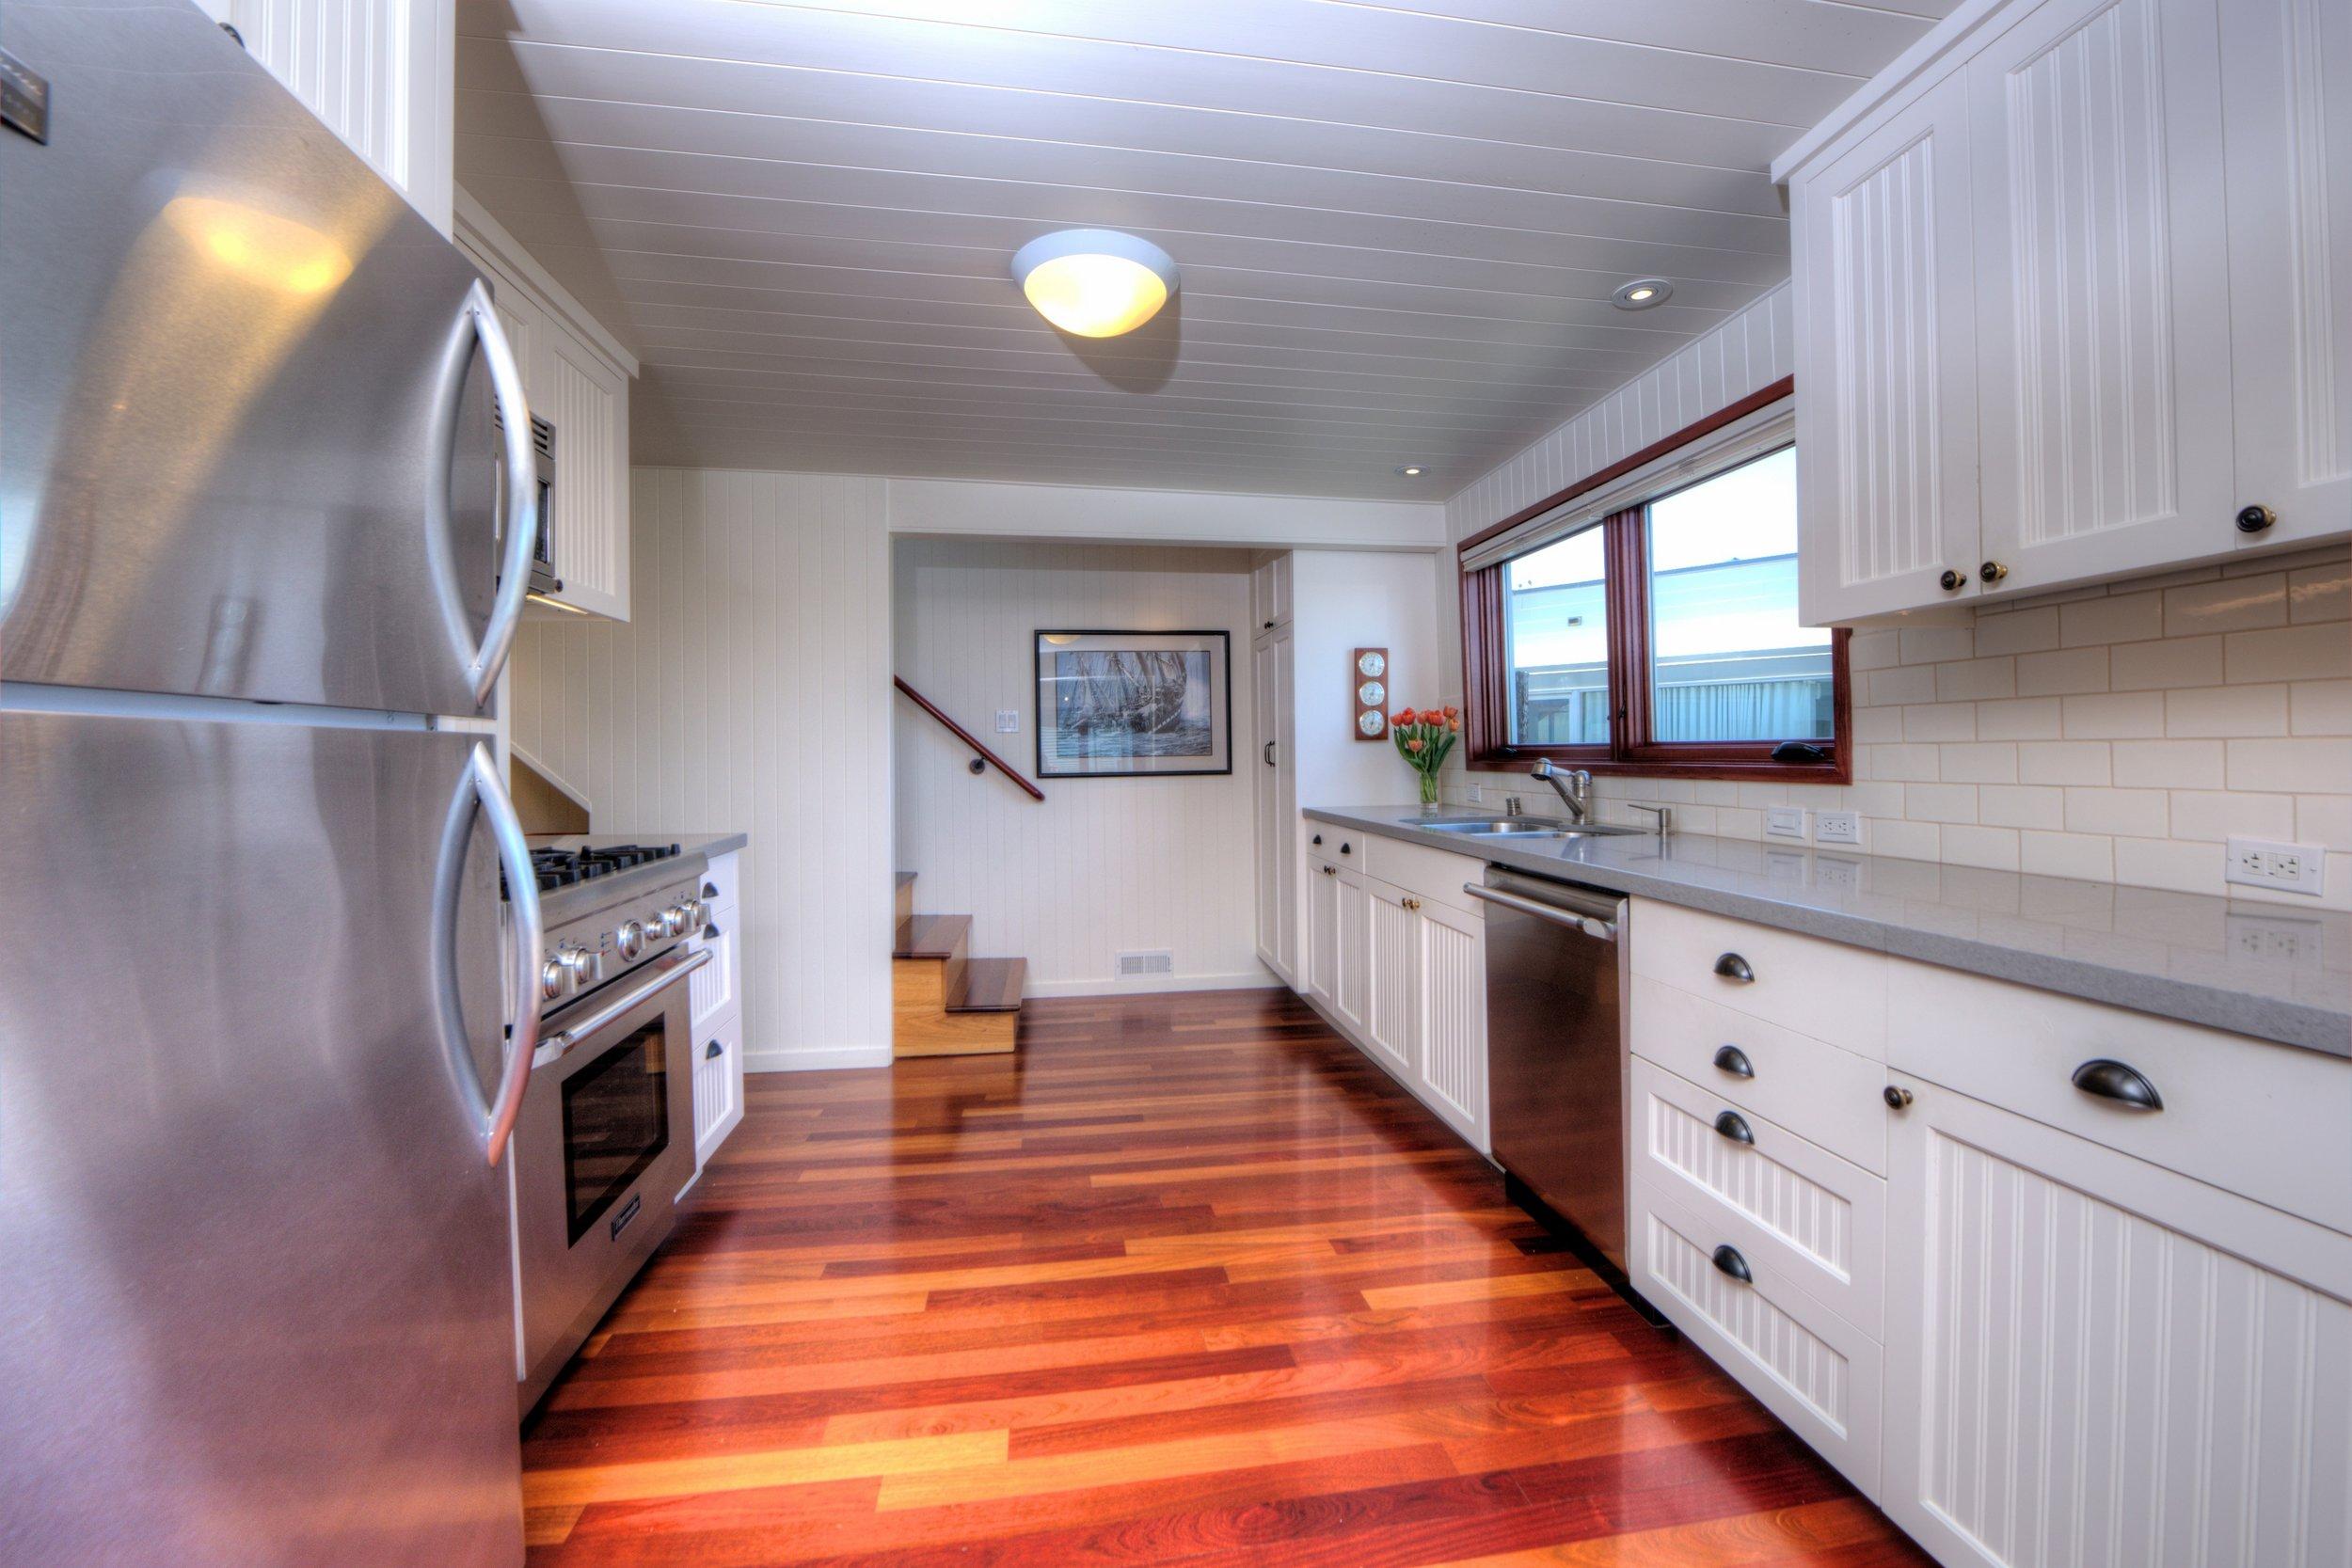 maggie-kitchen.jpg